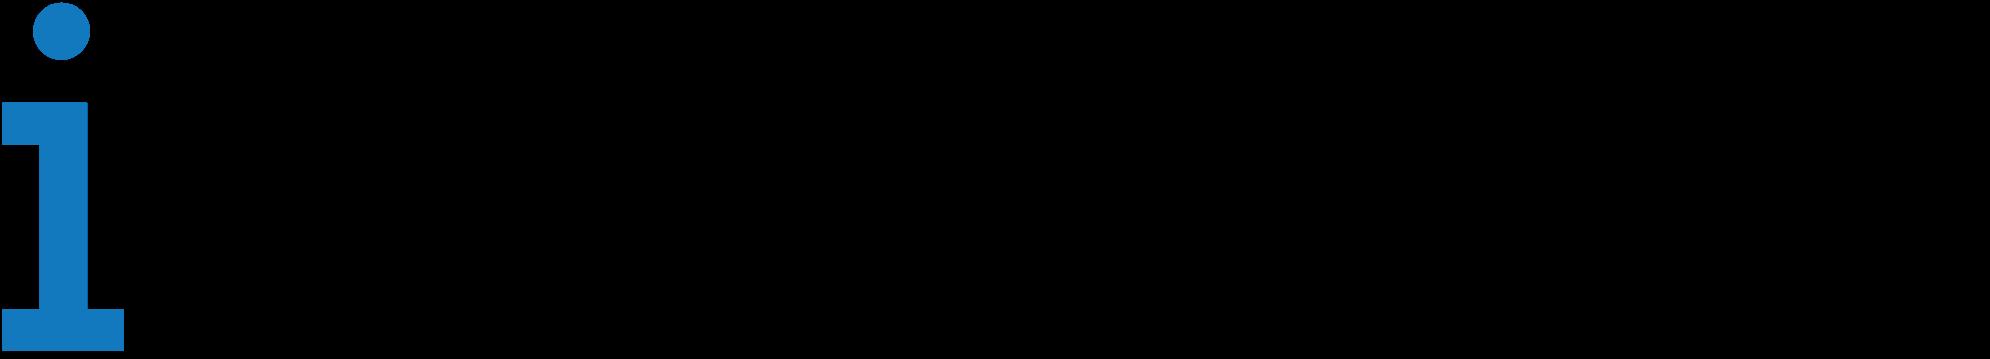 iBureau.ch - Cours privés pour l'utilisation de logiciels de bureautique et d'appareils Apple